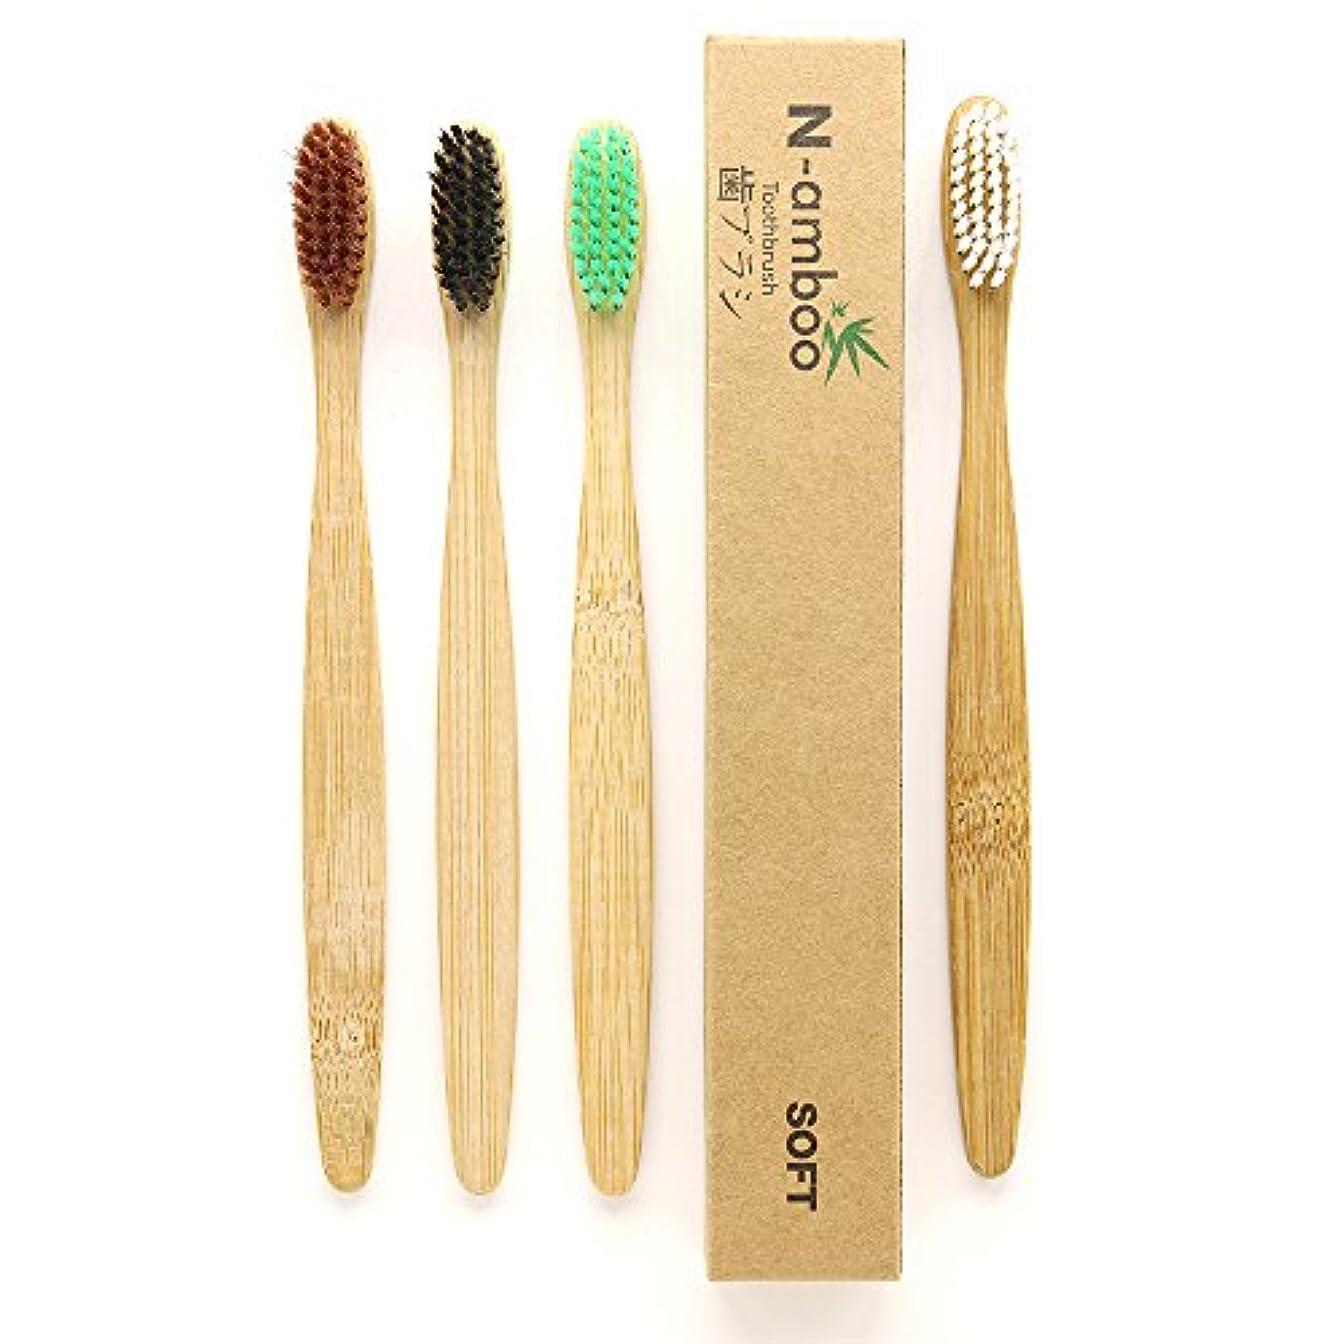 道に迷いました確かにショートN-amboo 竹製耐久度高い 歯ブラシ 4本入り(4色各1本)